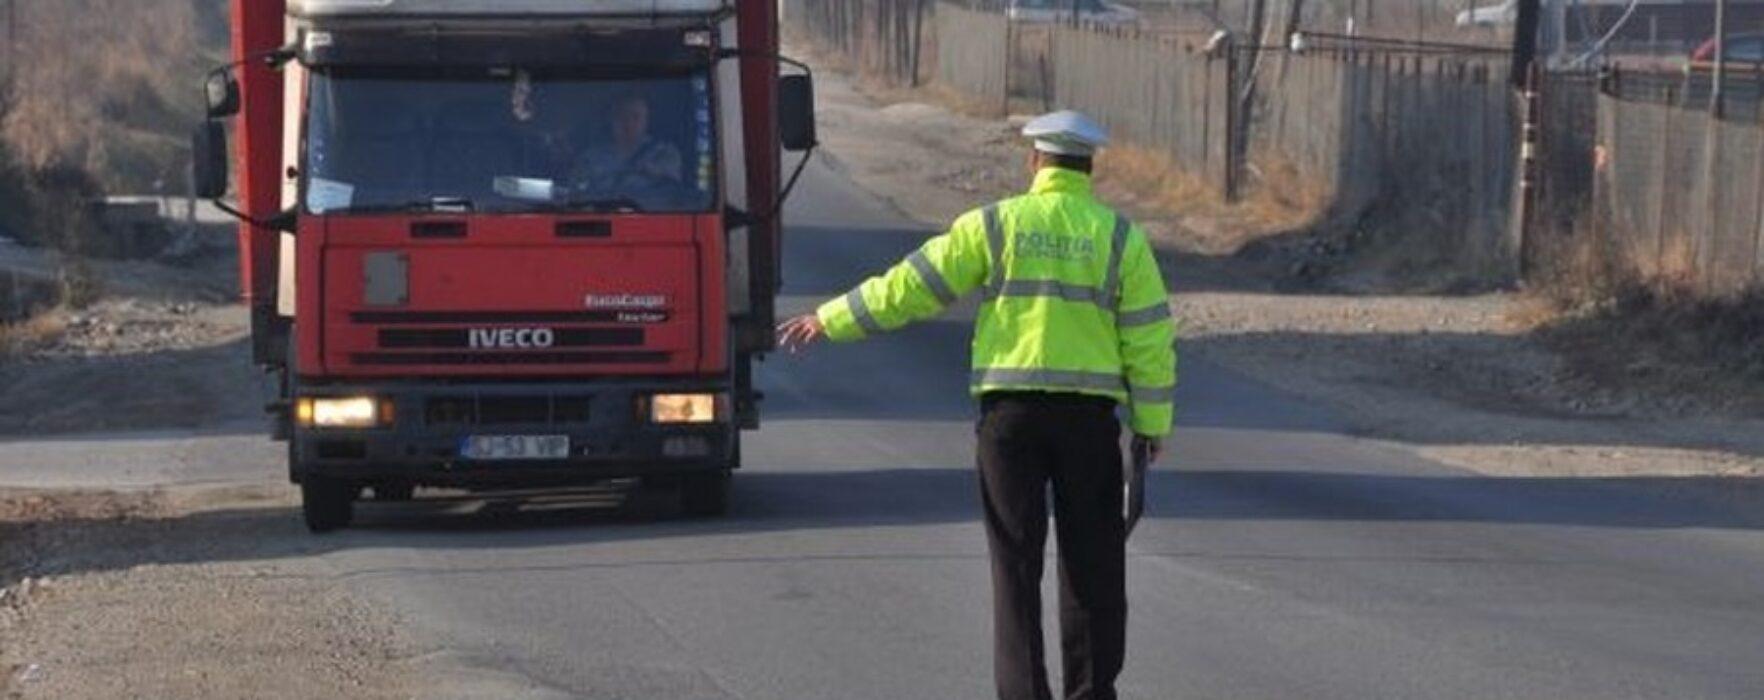 Prins în timp ce încerca să mituiască un poliţist de la IJP Dâmboviţa cu 1.000 de lei